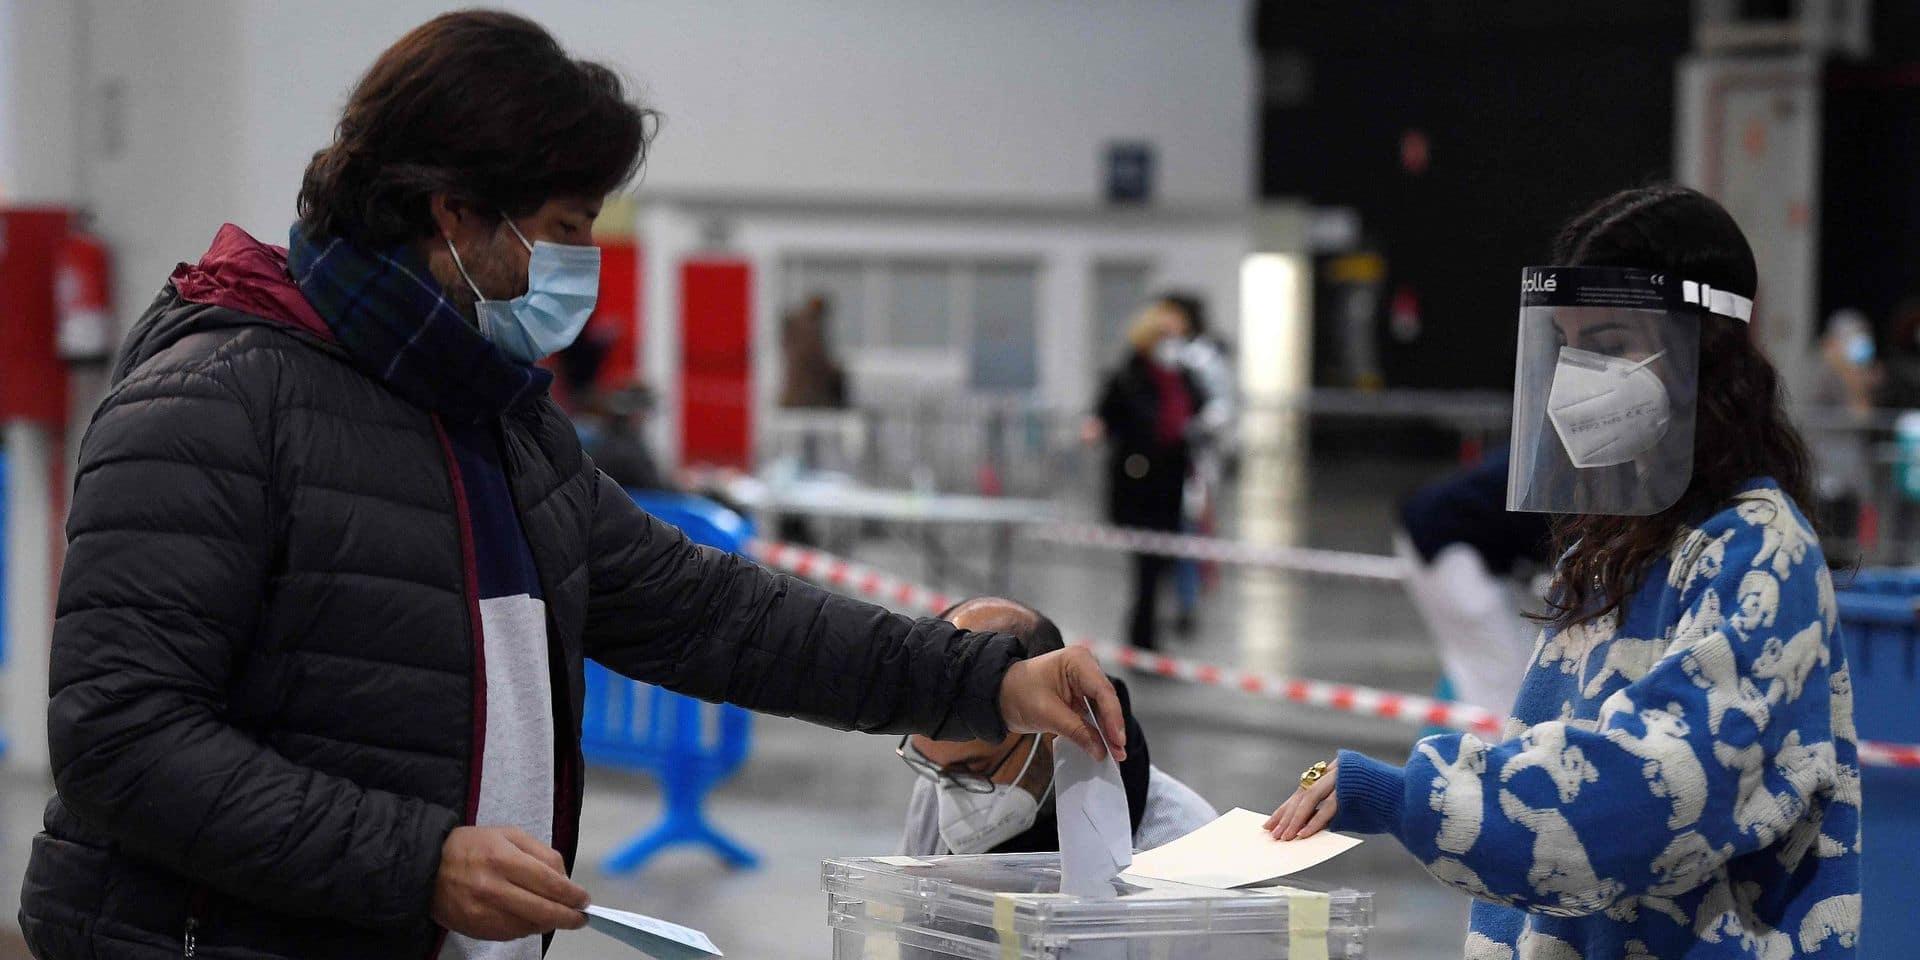 Des élections indécises en Catalogne sous le signe du Covid